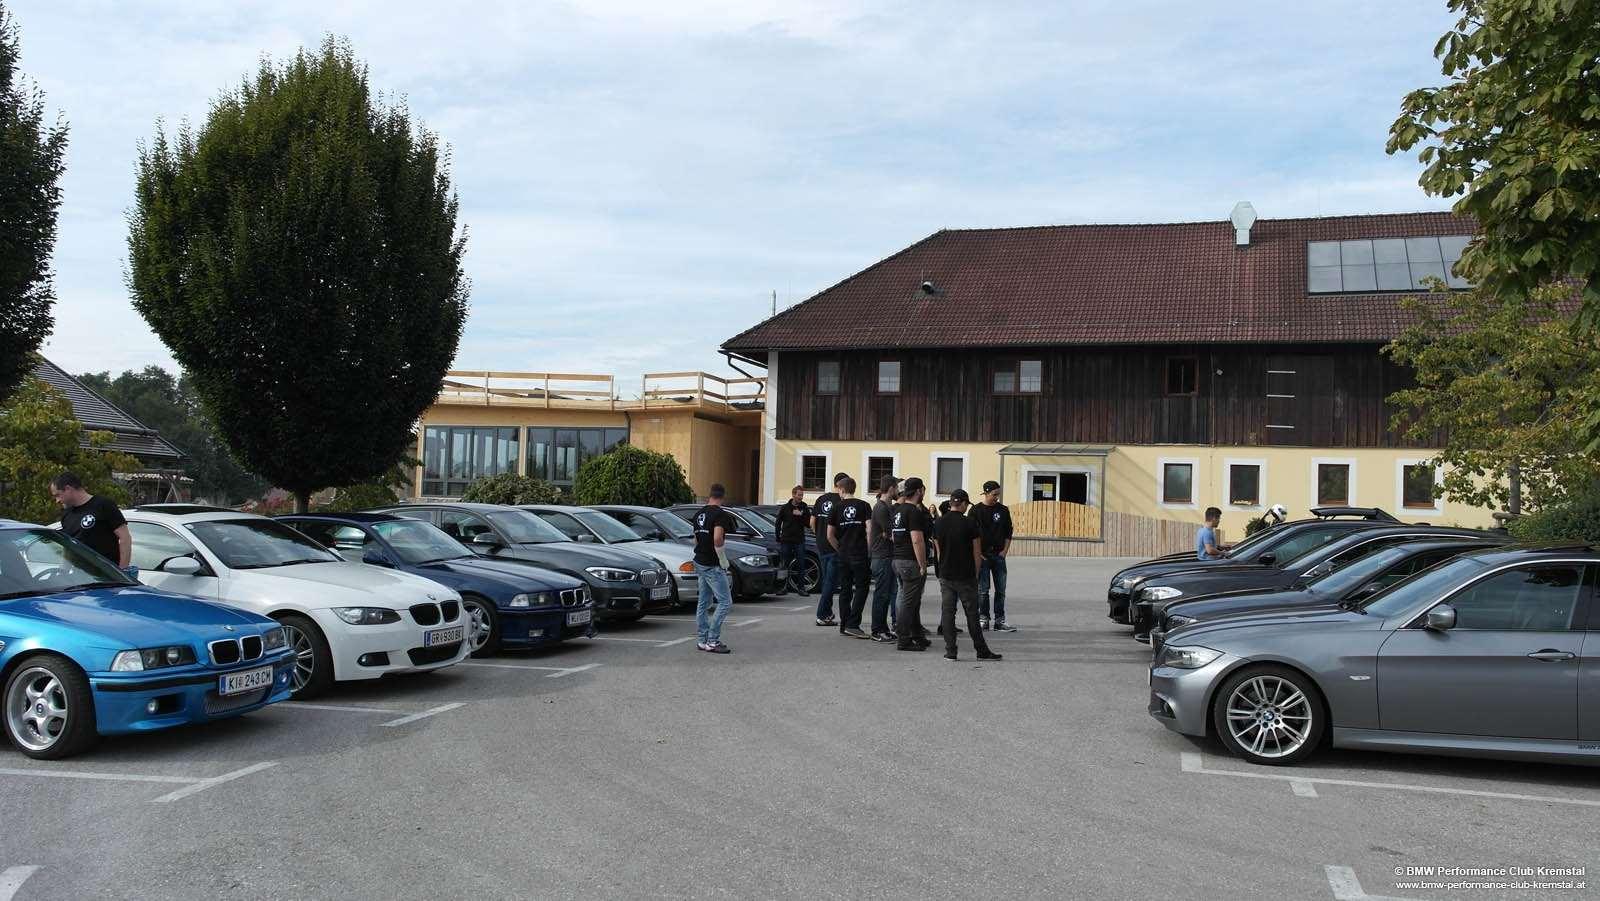 Neuigkeiten Bmw Performance Club Kremstal Ober 246 Sterreich